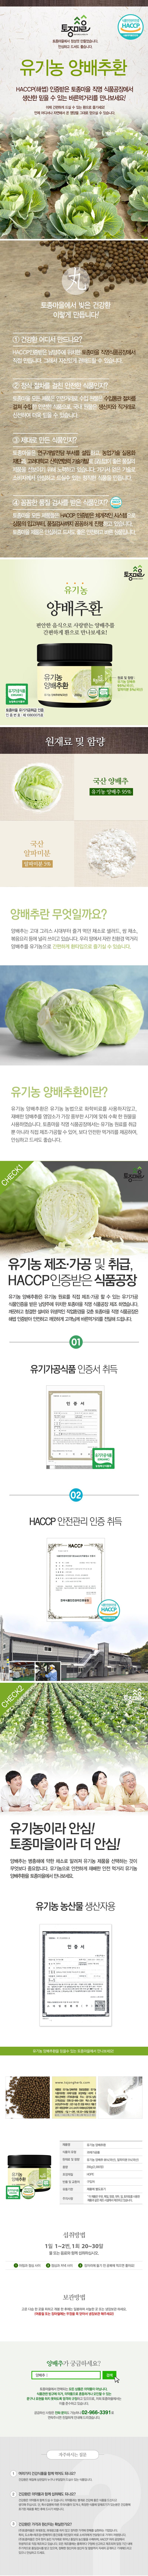 유기농양배추환